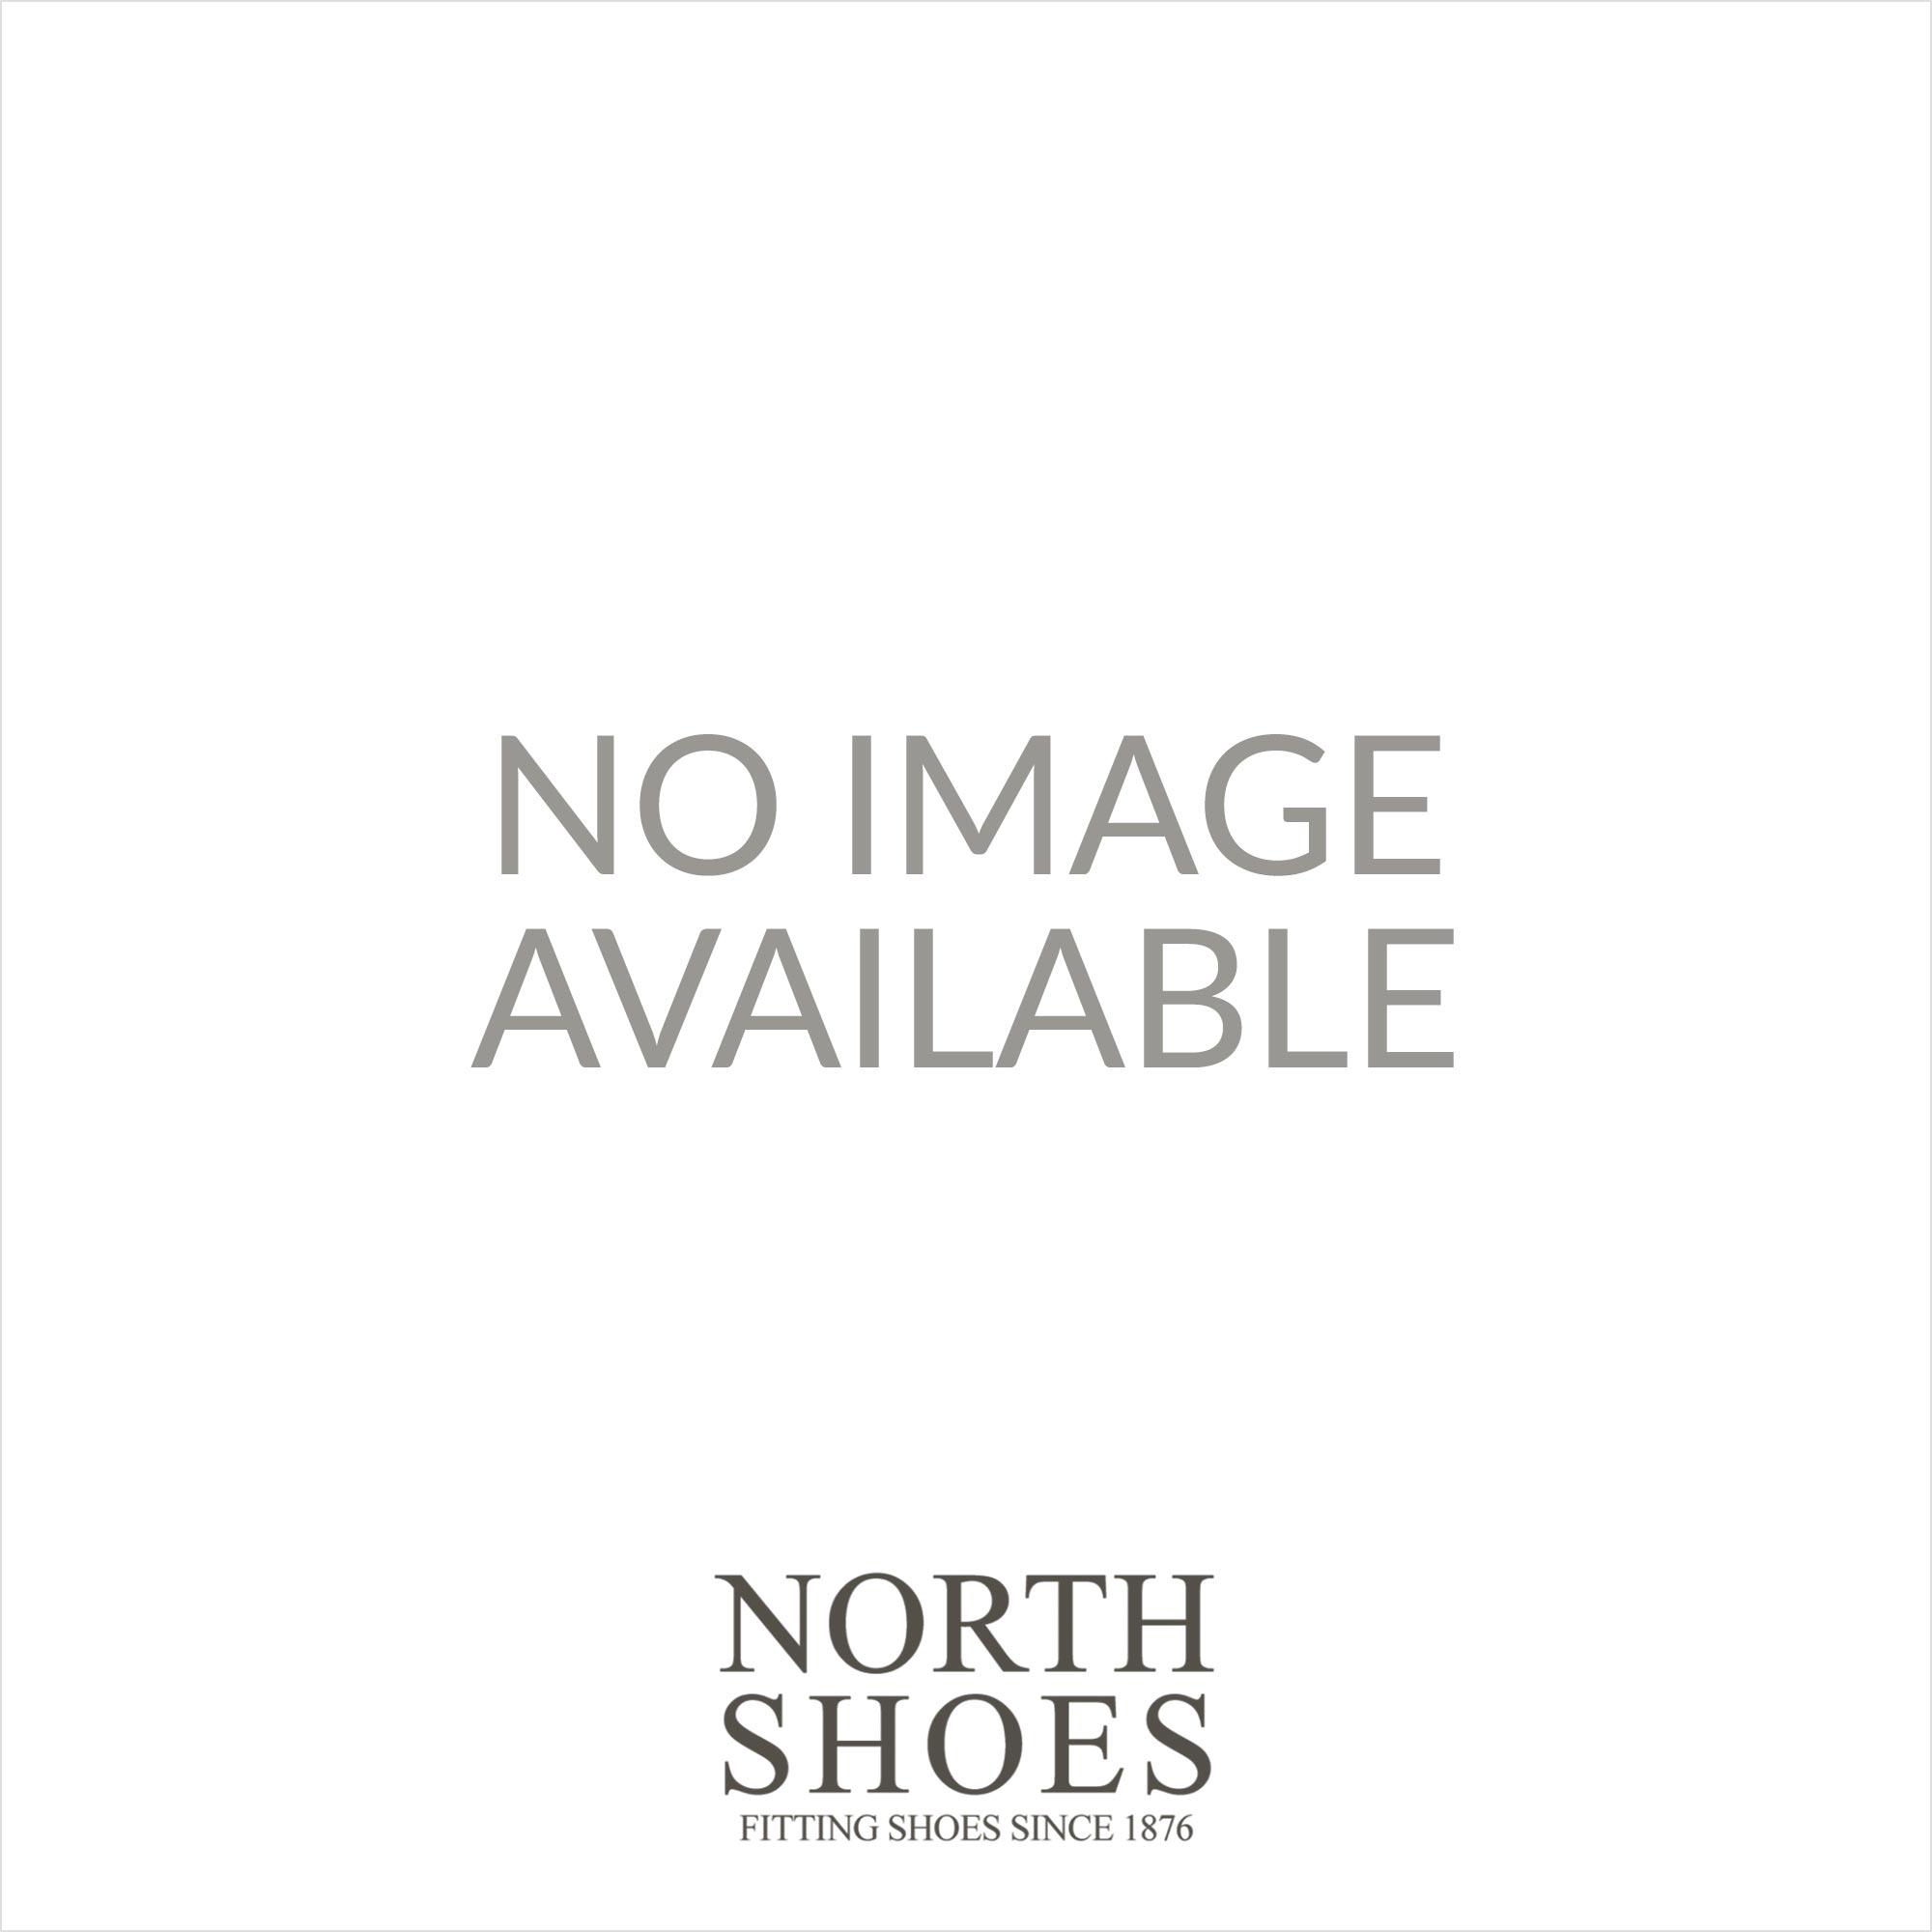 6753-01 Tan Womens Sandal